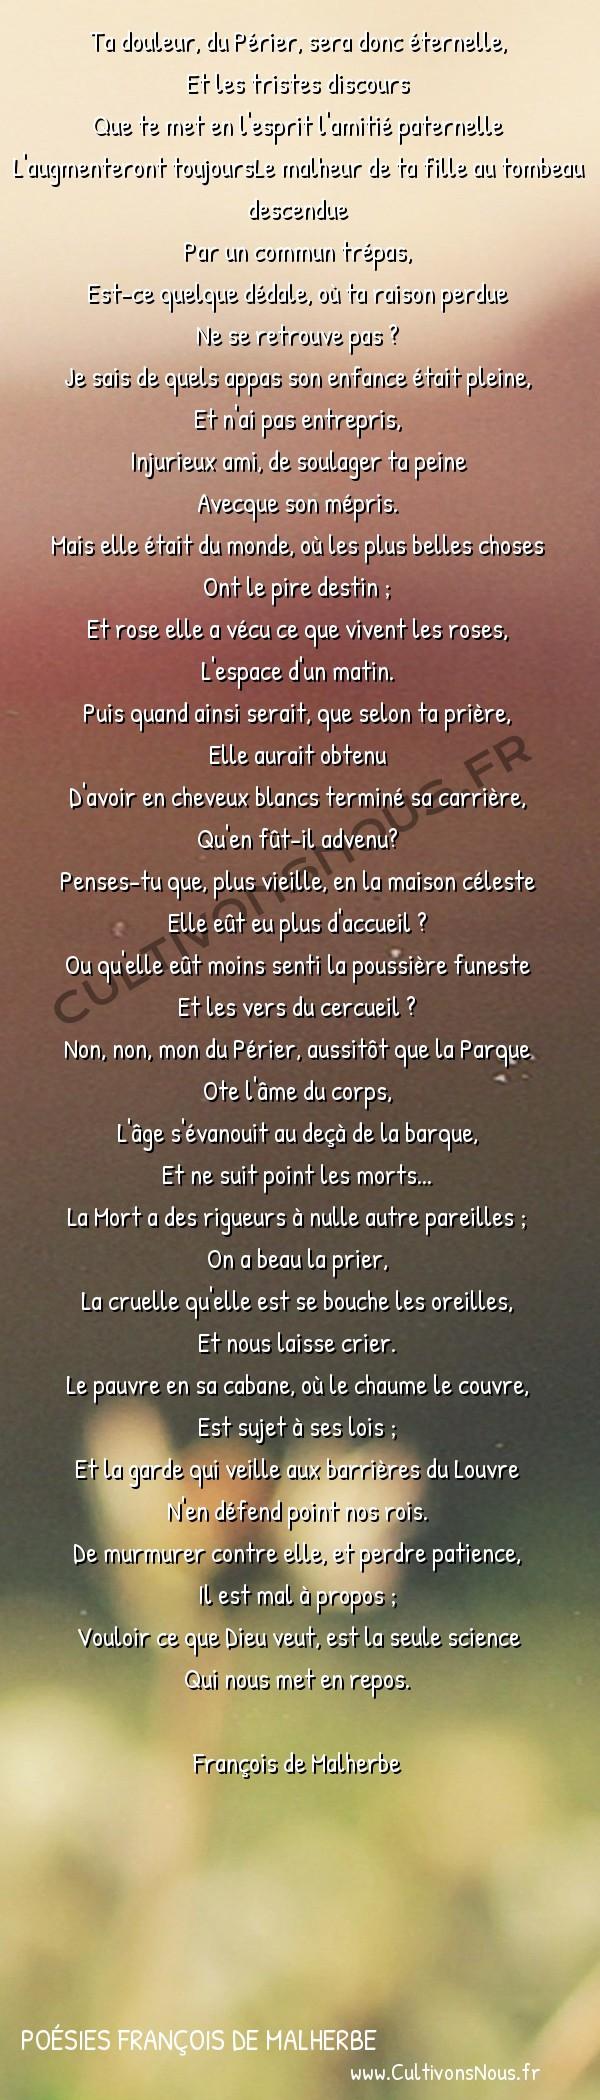 Poésies François de Malherbe - Poèmes - Consolation à M. Du Périer sur la mort de sa fille -  Ta douleur, du Périer, sera donc éternelle, Et les tristes discours